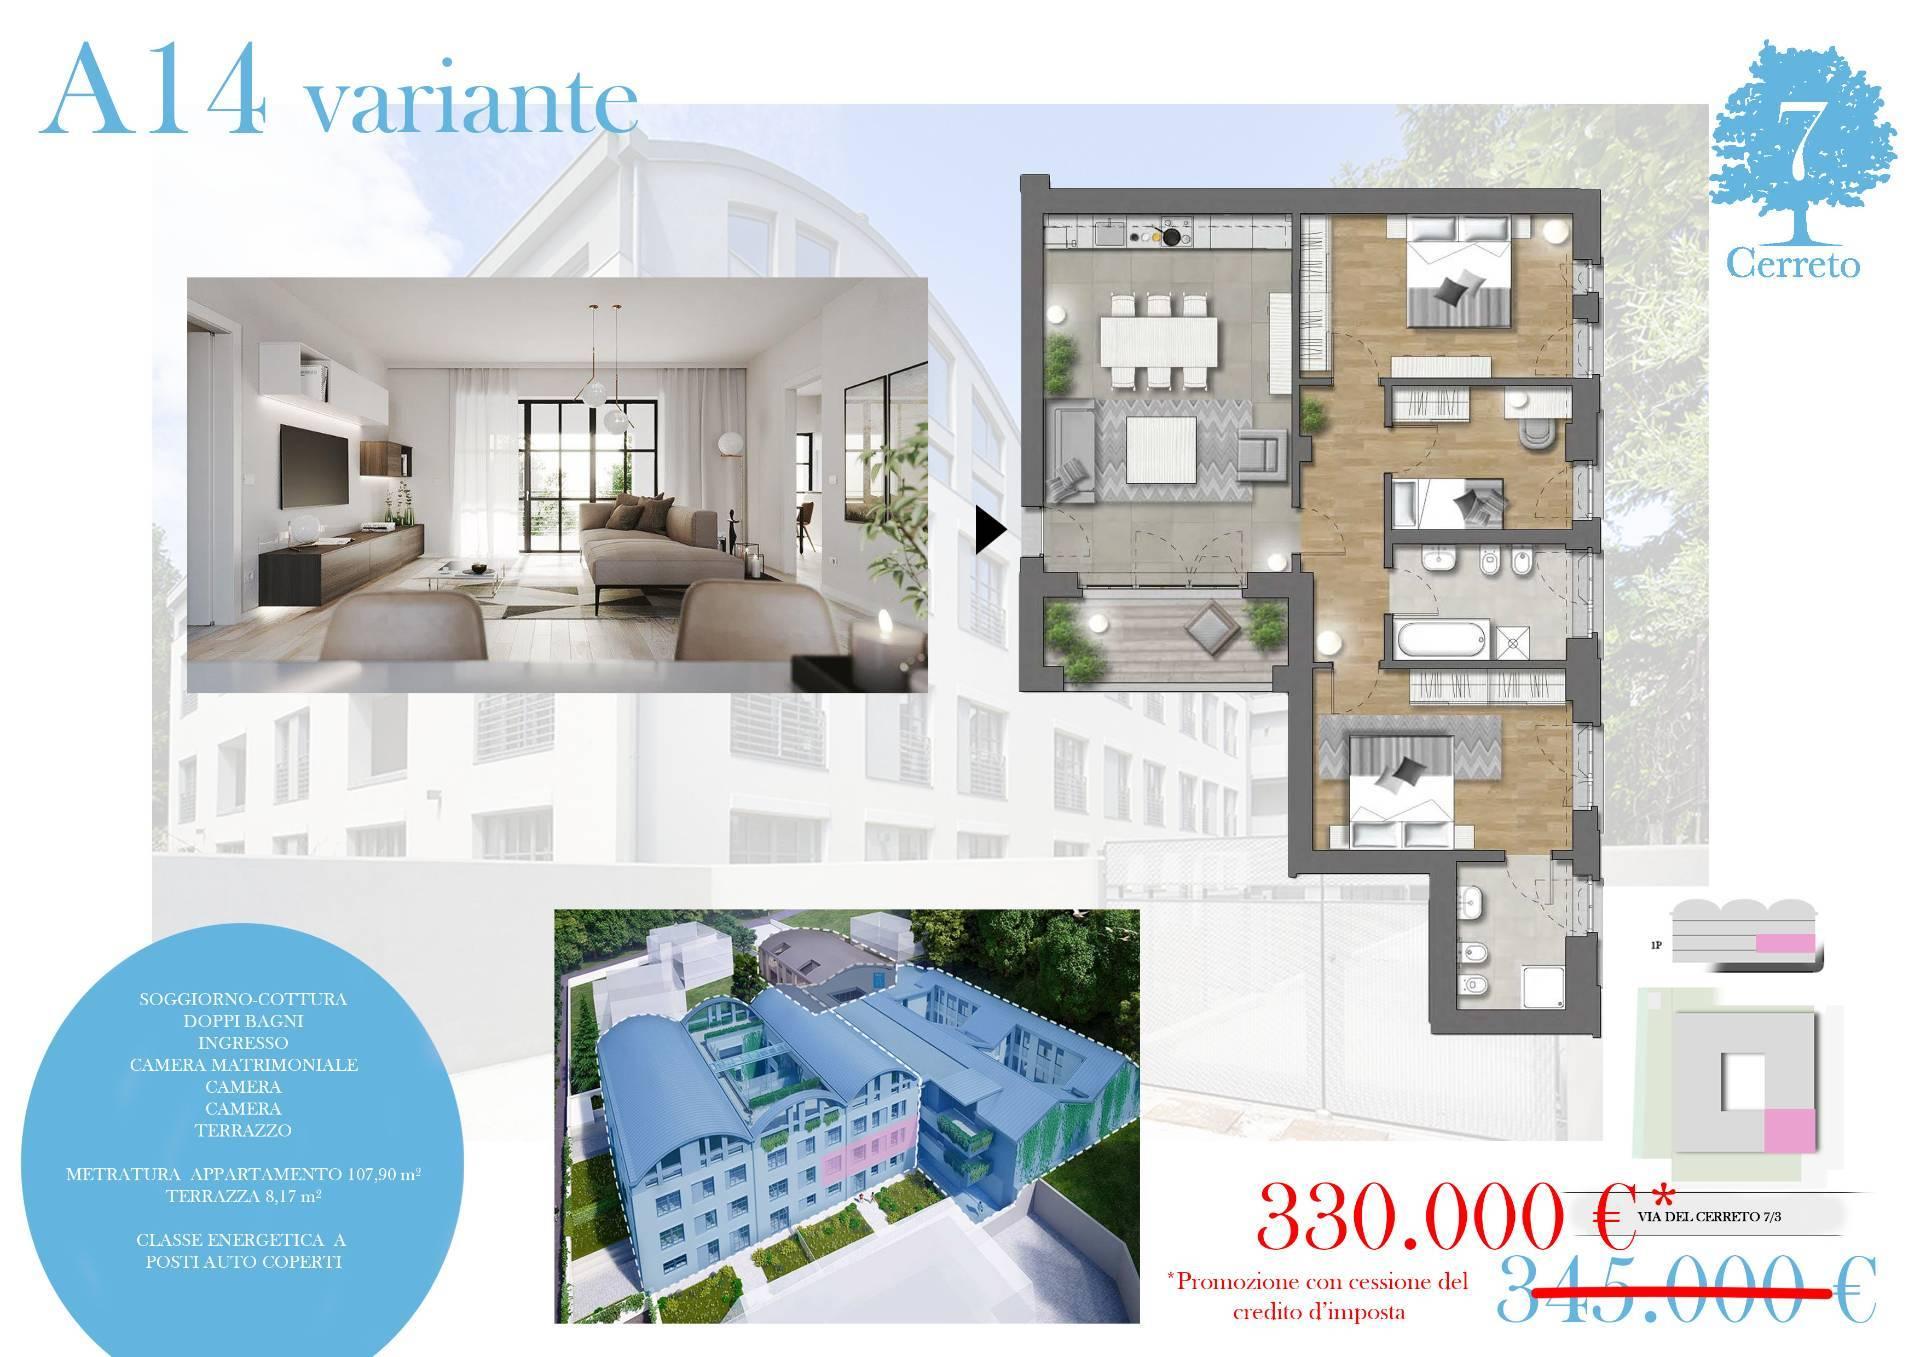 Appartamento in vendita a Trieste, 3 locali, zona Località: Zonedipregio, prezzo € 330.000 | CambioCasa.it